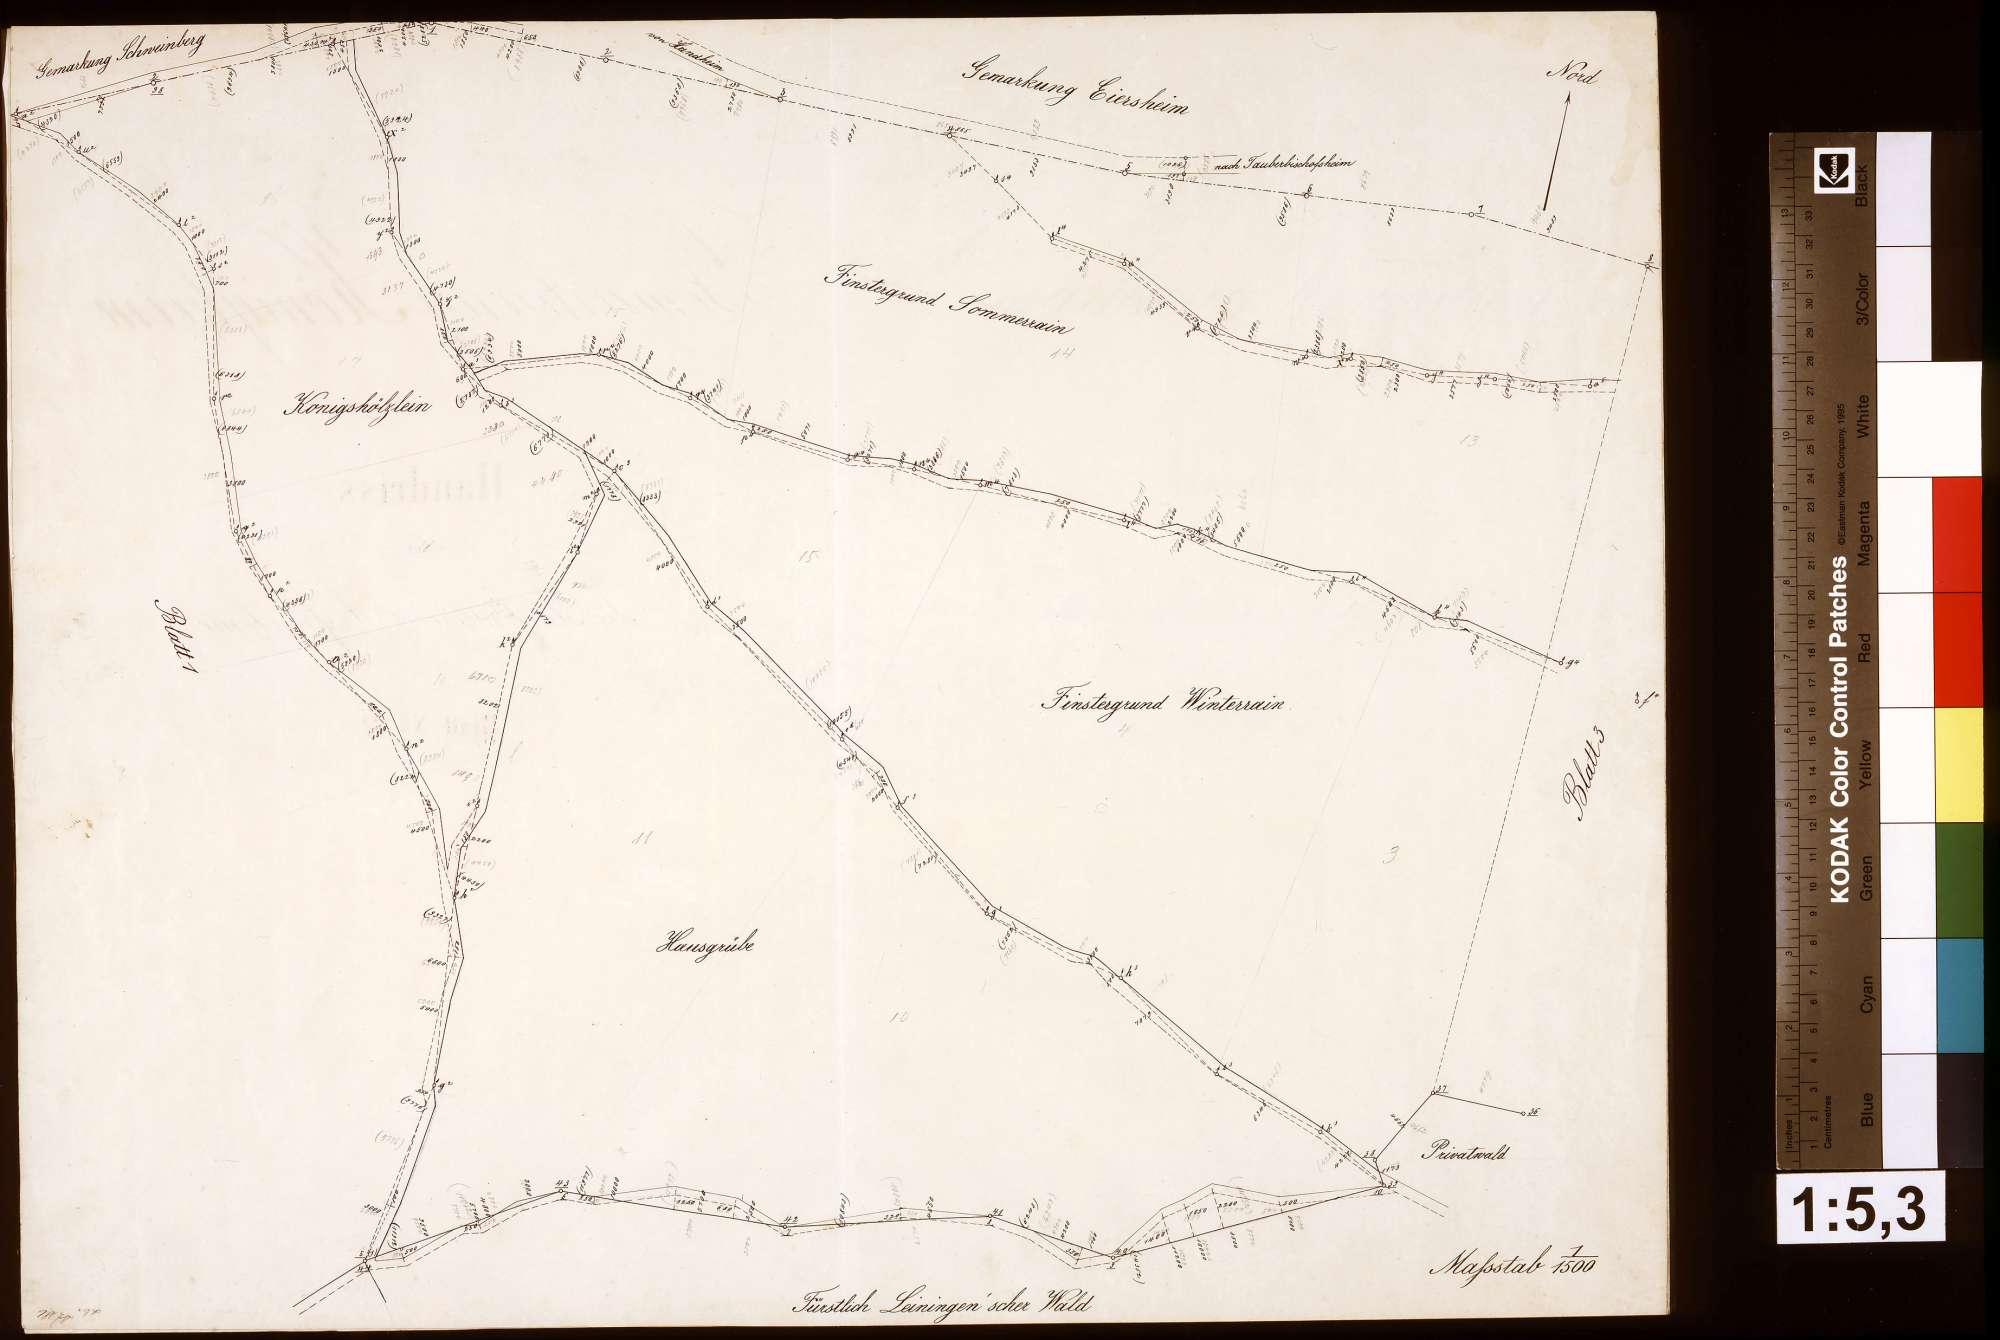 Stückweise Aufnahme der Gemarkung Königheim, Blatt 2